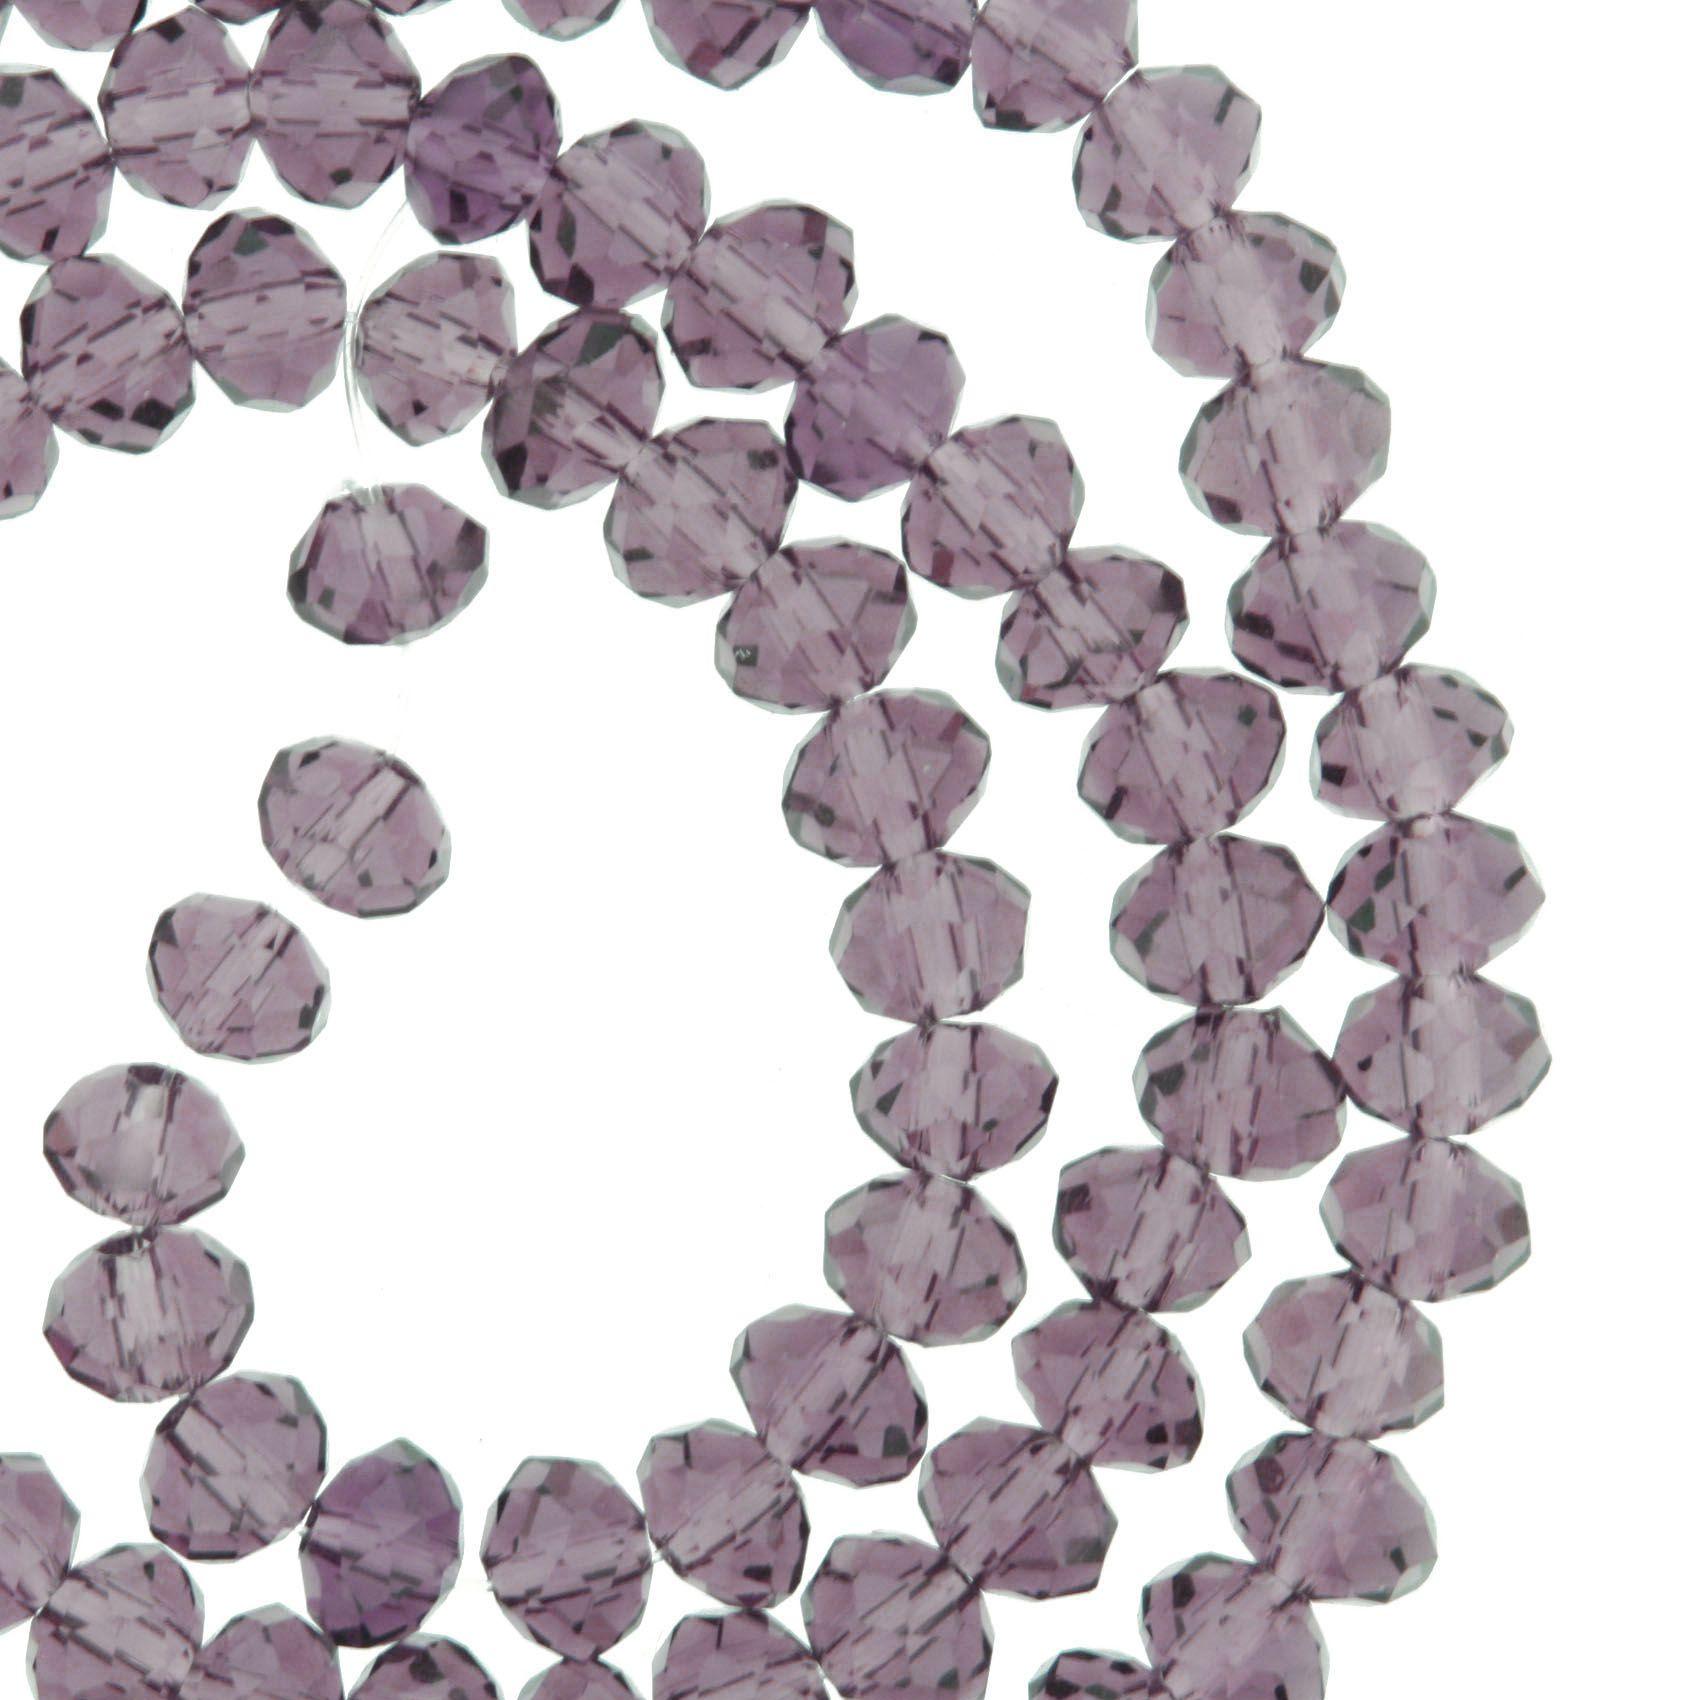 Fio de Cristal - Flat® - Roxo Transparente - 6mm  - Stéphanie Bijoux® - Peças para Bijuterias e Artesanato